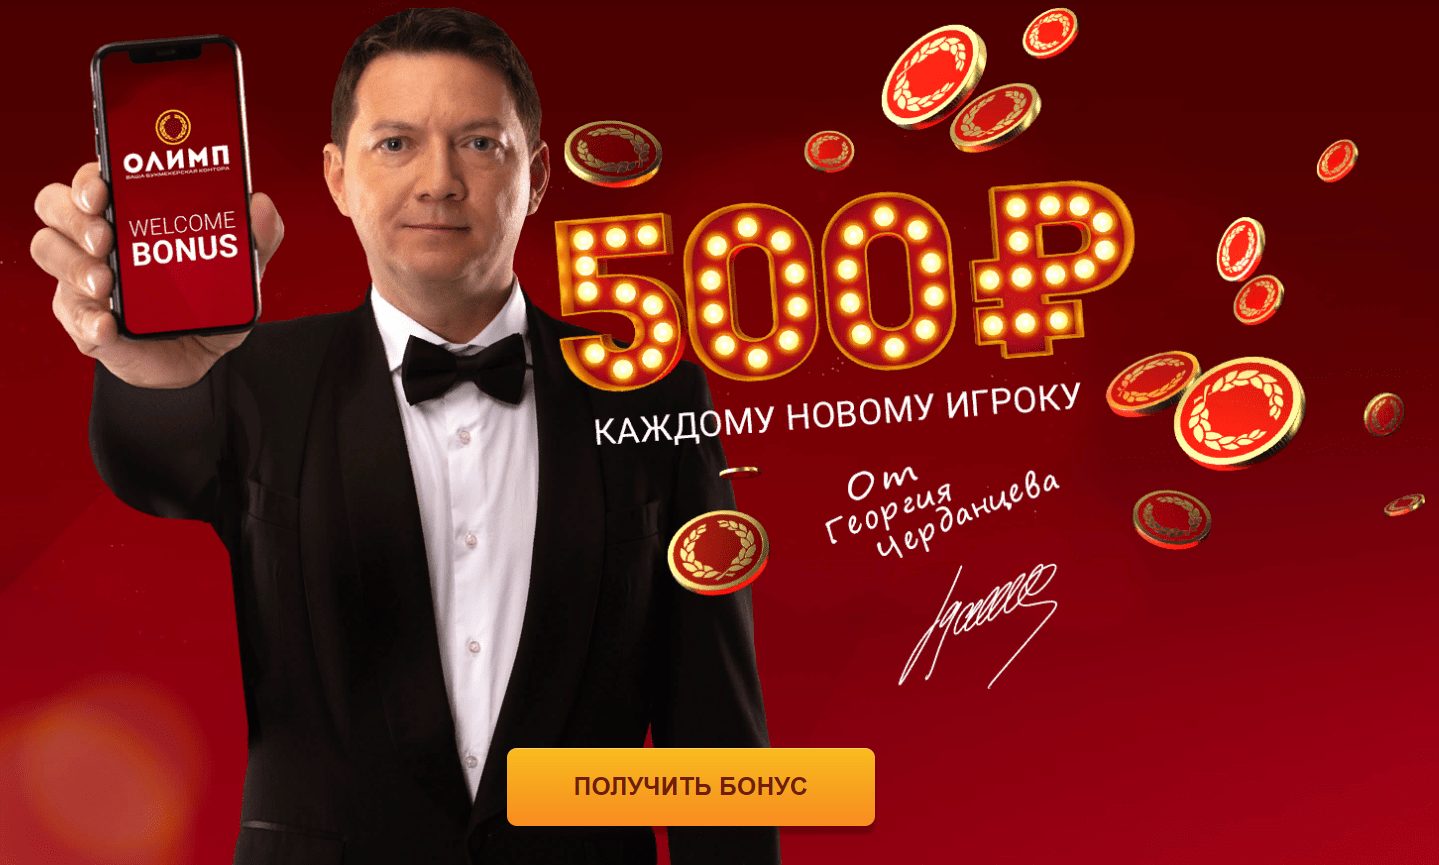 Бонус в 500 рублей новым игрокам